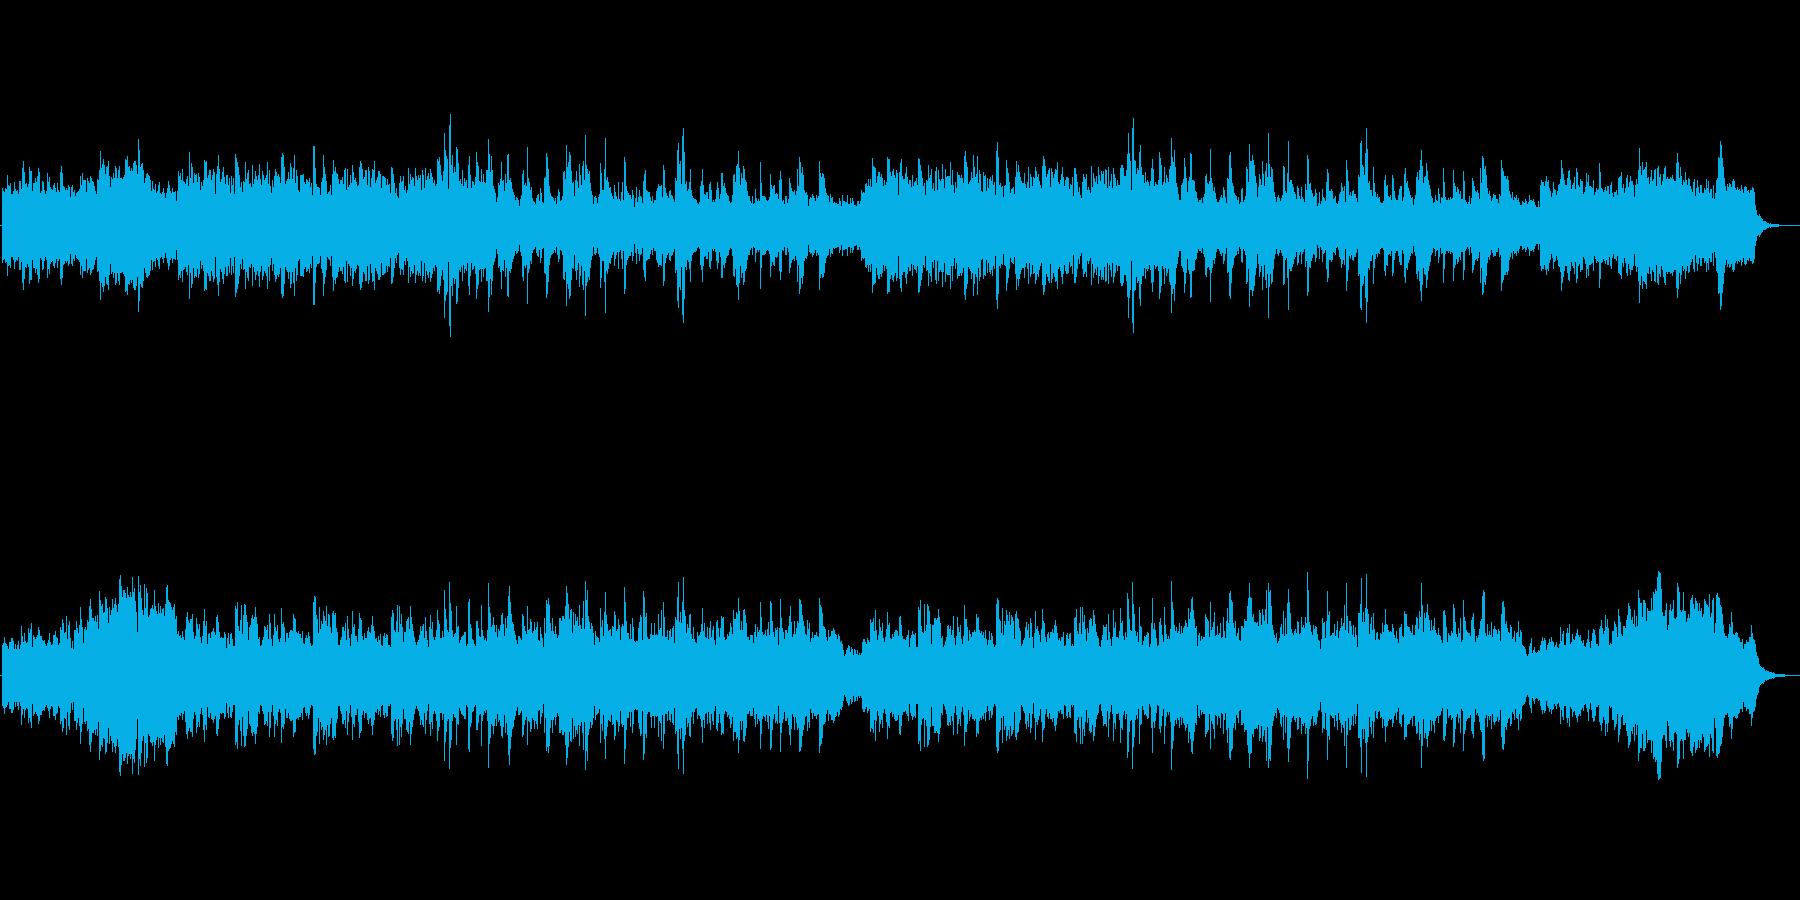 ピアノとシンセとオルゴールの癒しのBGMの再生済みの波形